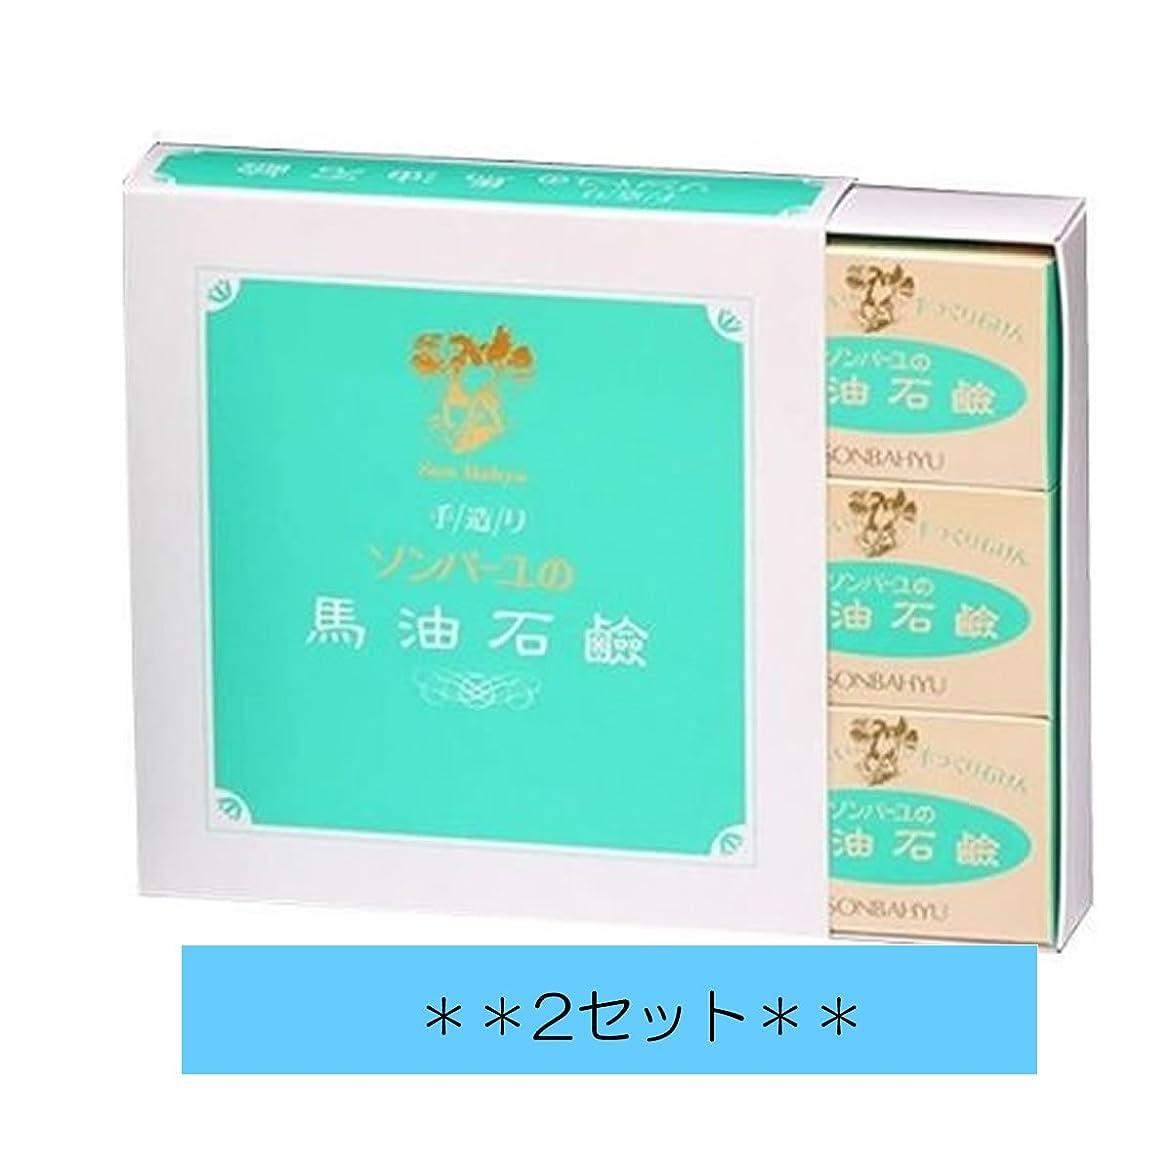 財団無力抵当【2箱セット】ソンバーユ石鹸 85g×6個